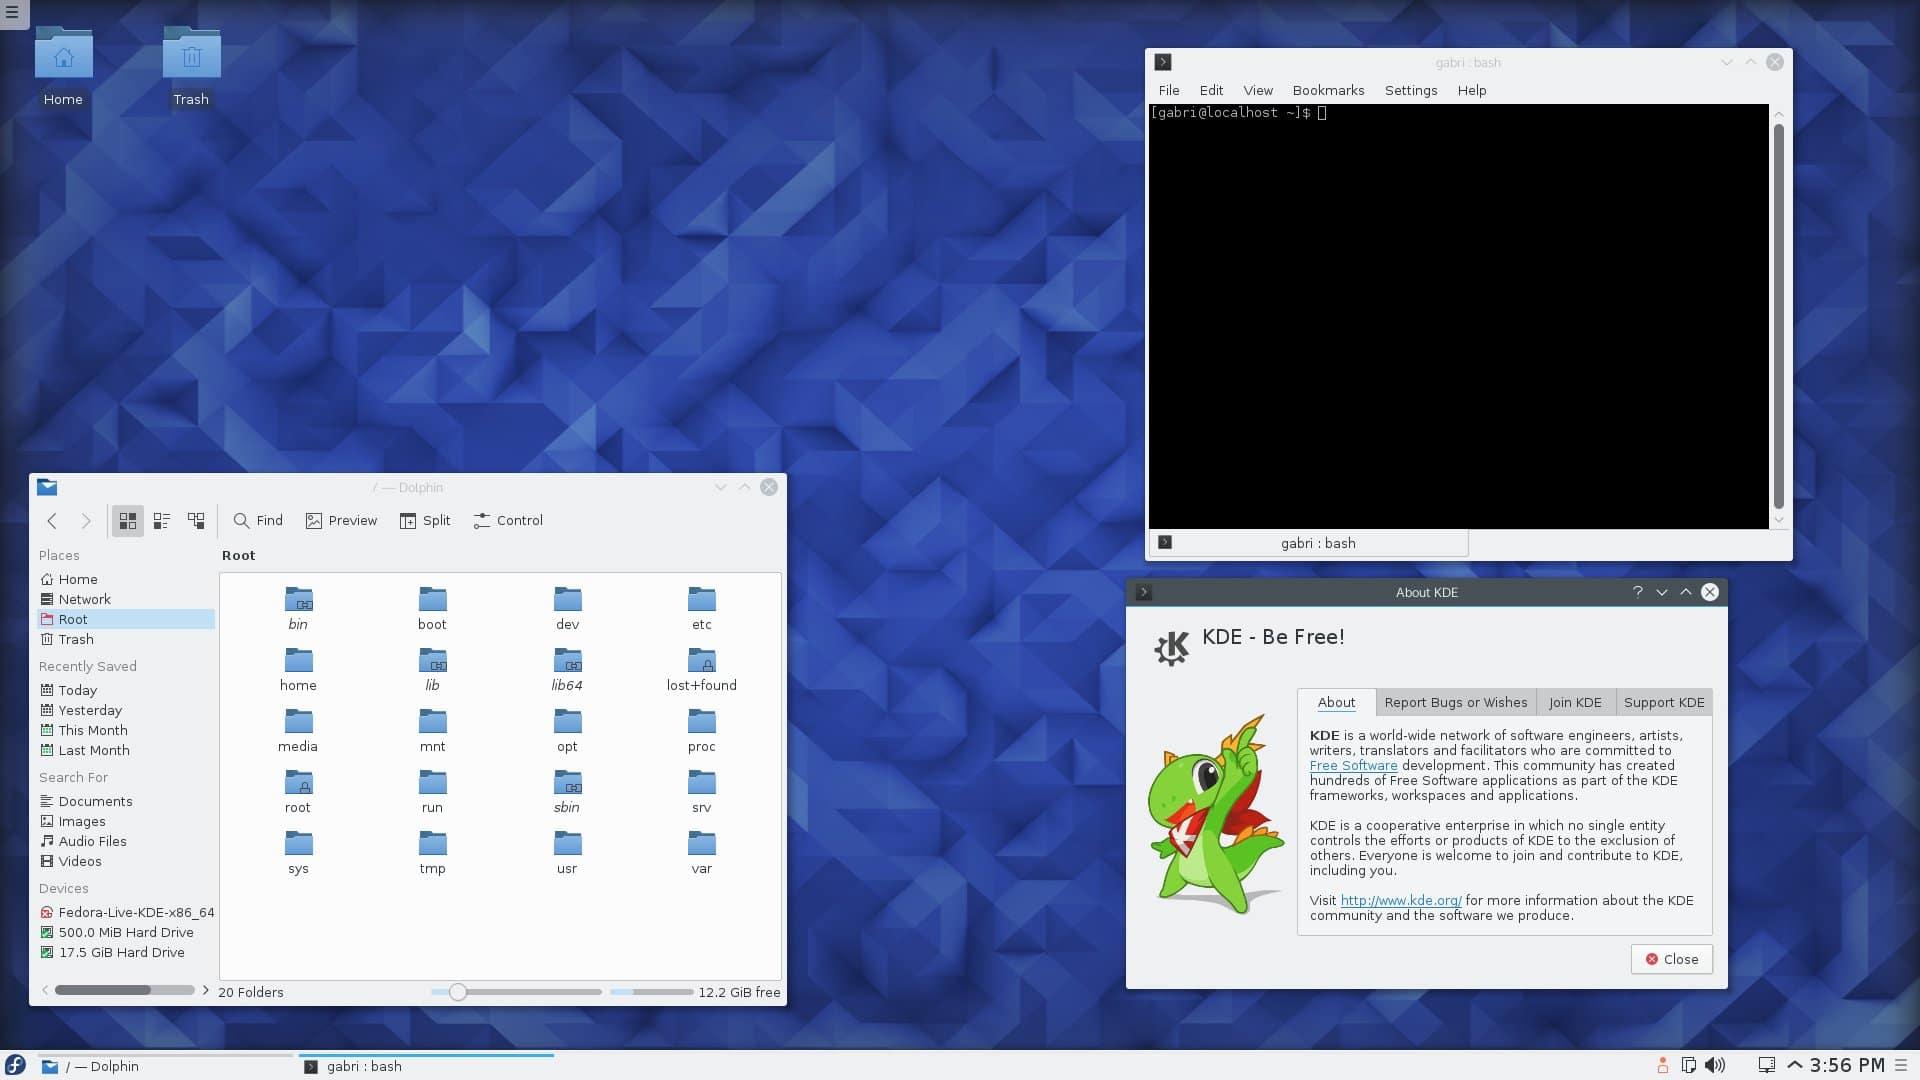 Fedora23-KDE-fedorafans.com